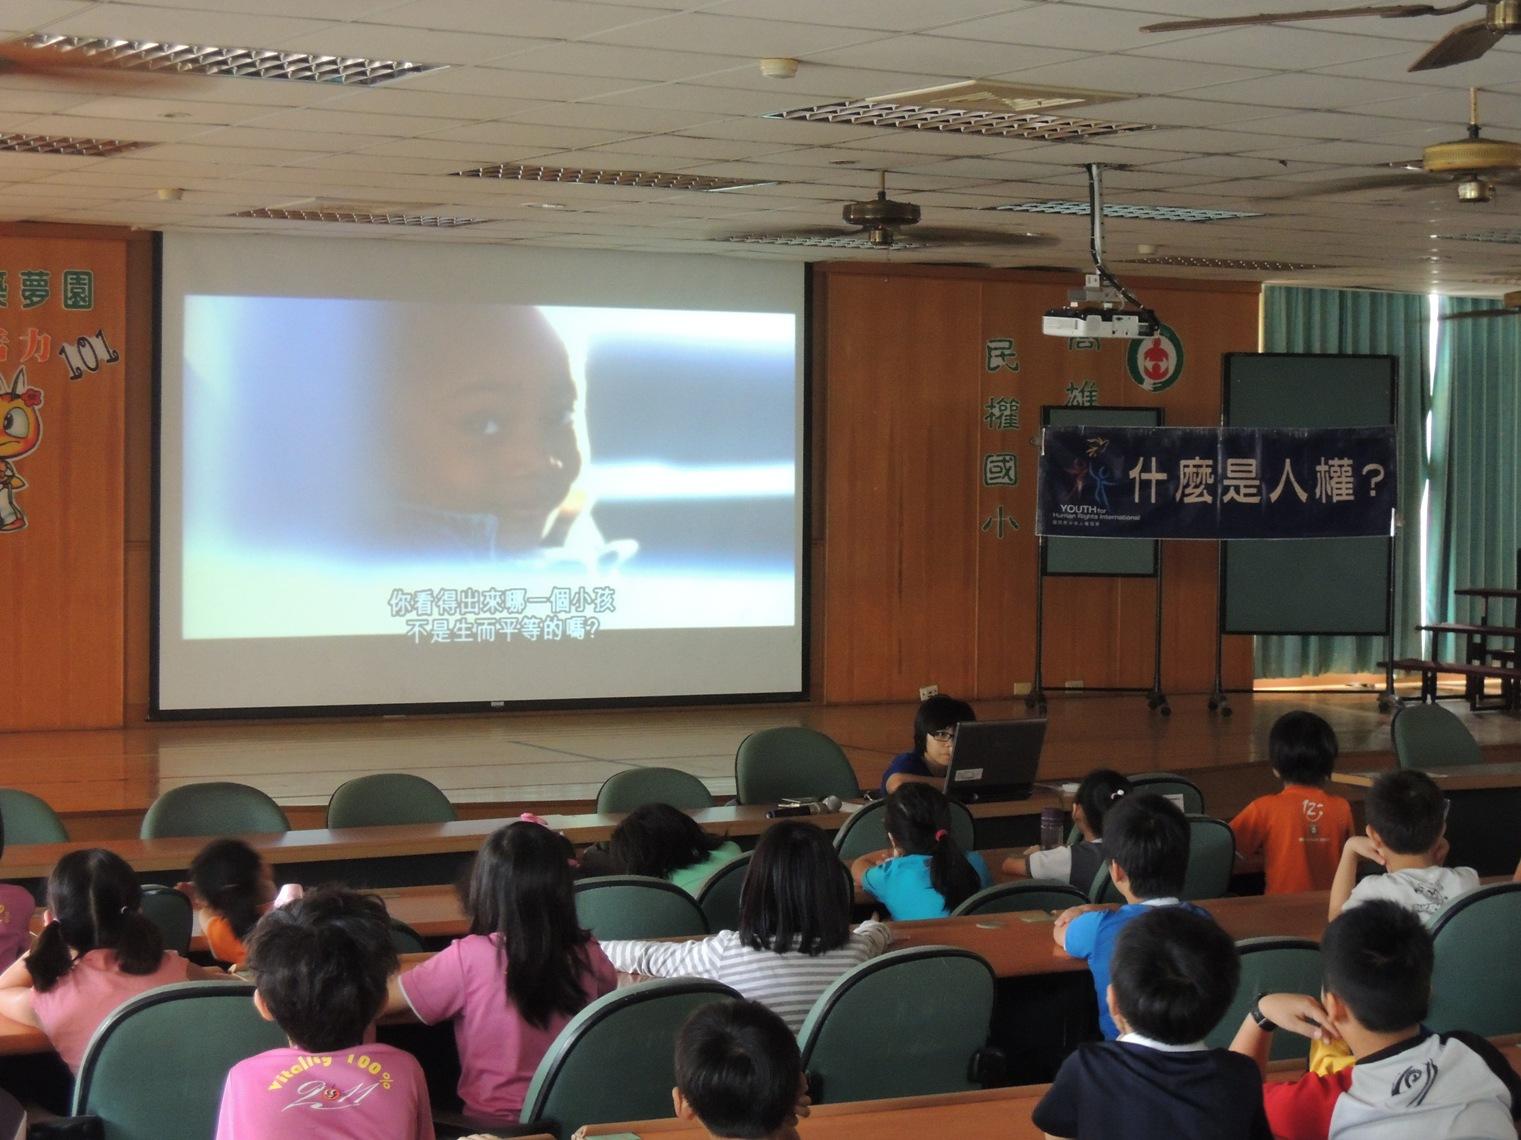 聯合國日 高市學童學習人權 營造校園友善氣氛